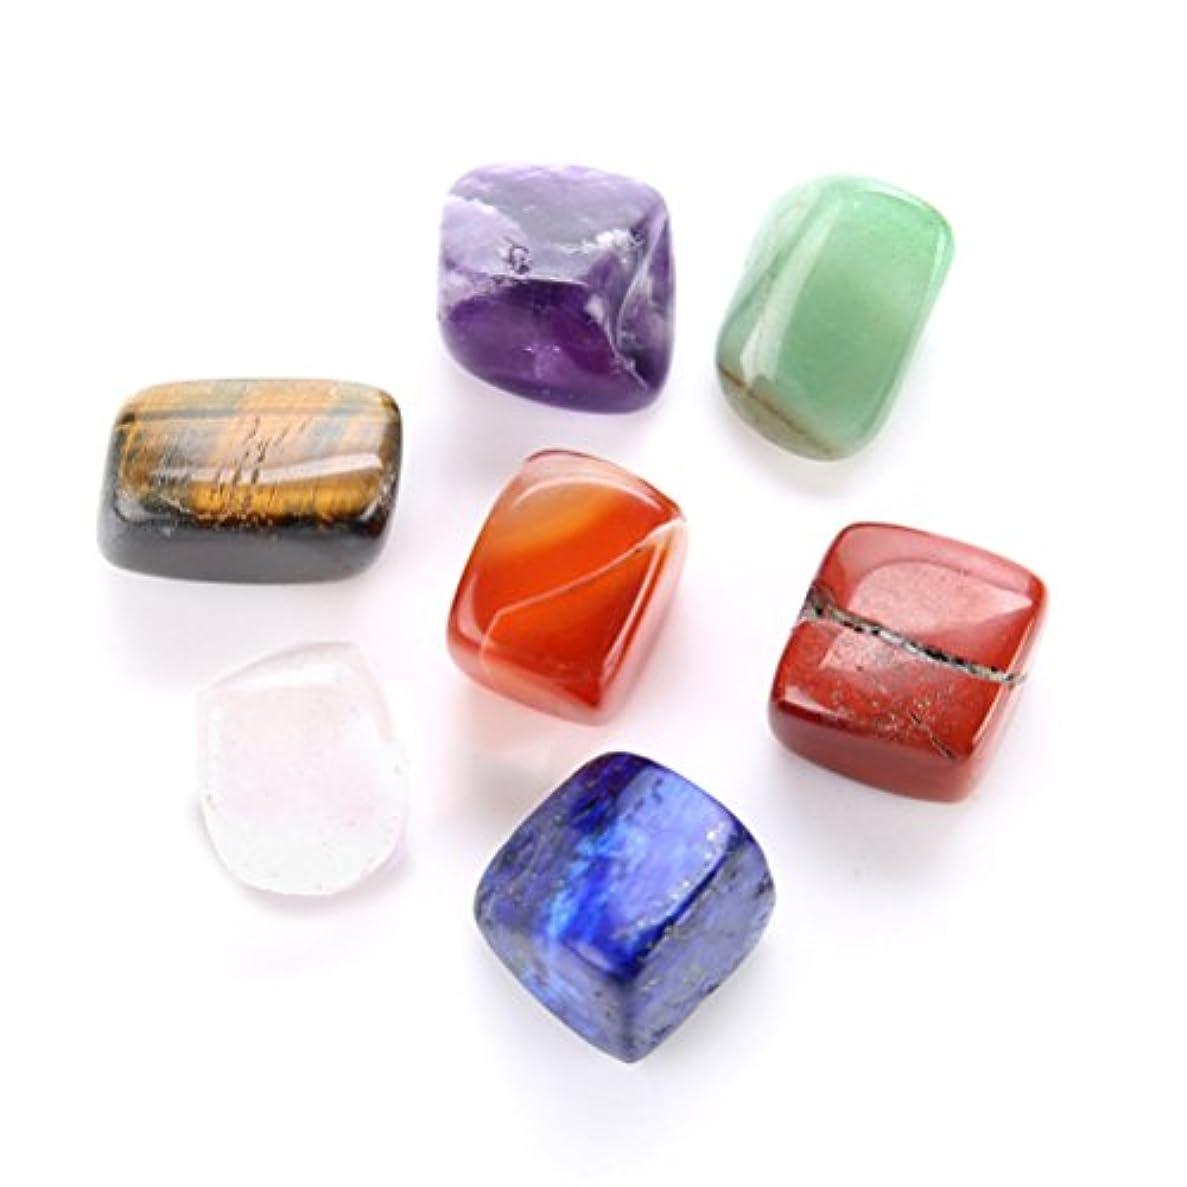 ROSENICE 癒しのクリスタル7チャクラの宝石と心配の石を接地するためにバランスをとる瞑想レイキ